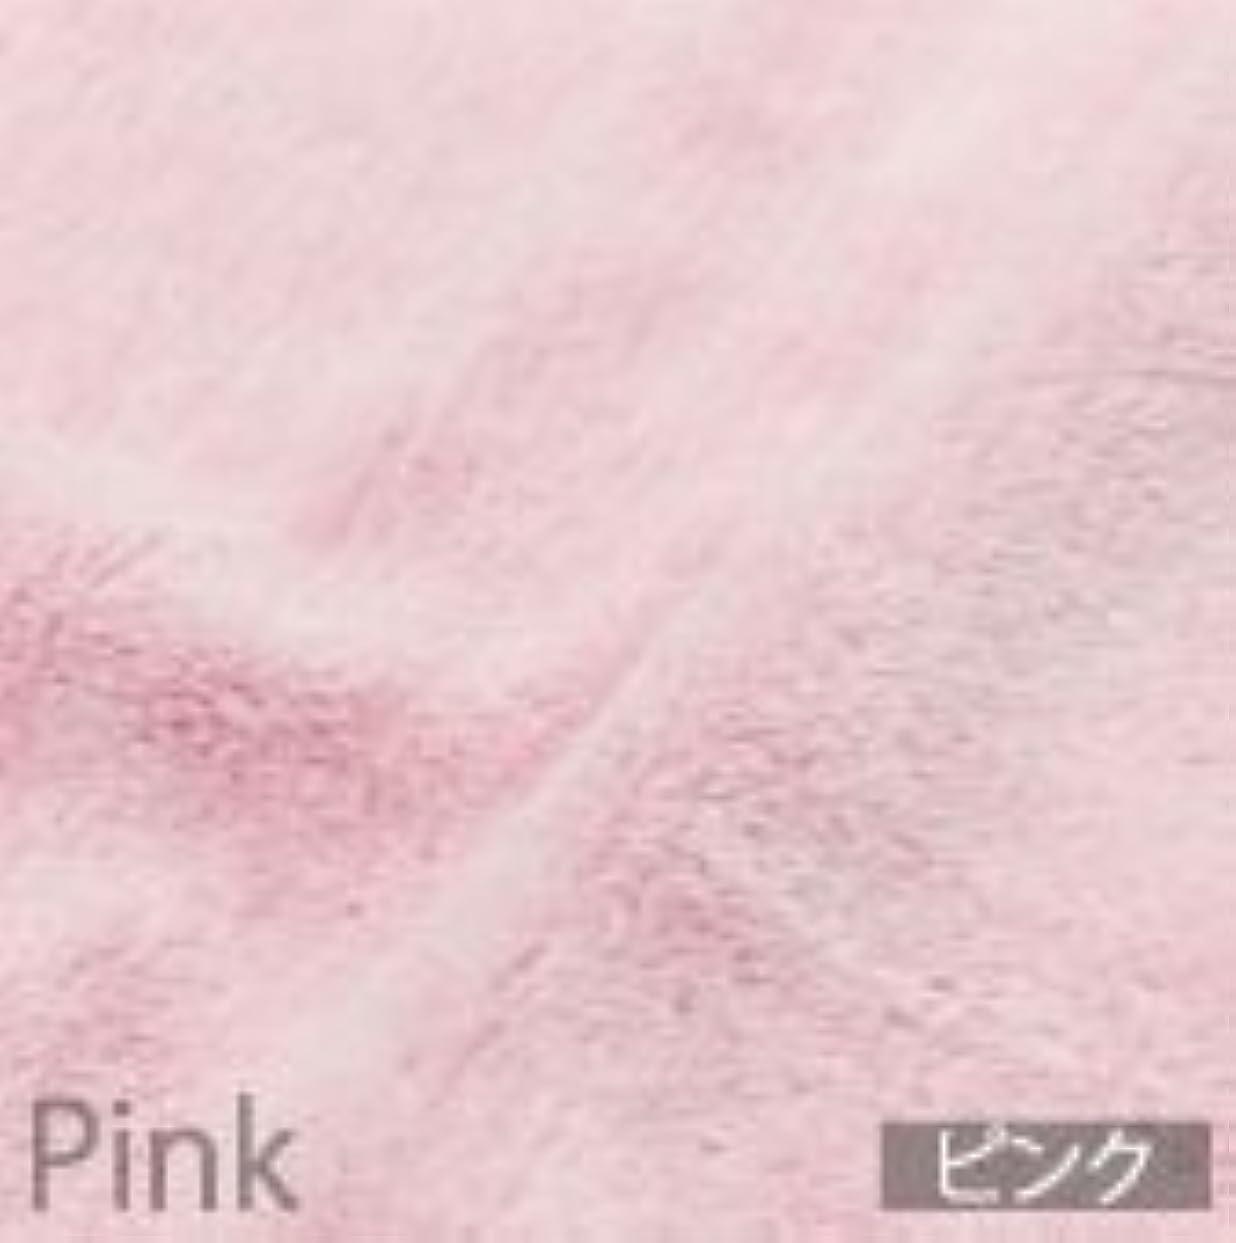 終わり脚バーガーマイクロファイバーフェイスタオル極ピンク